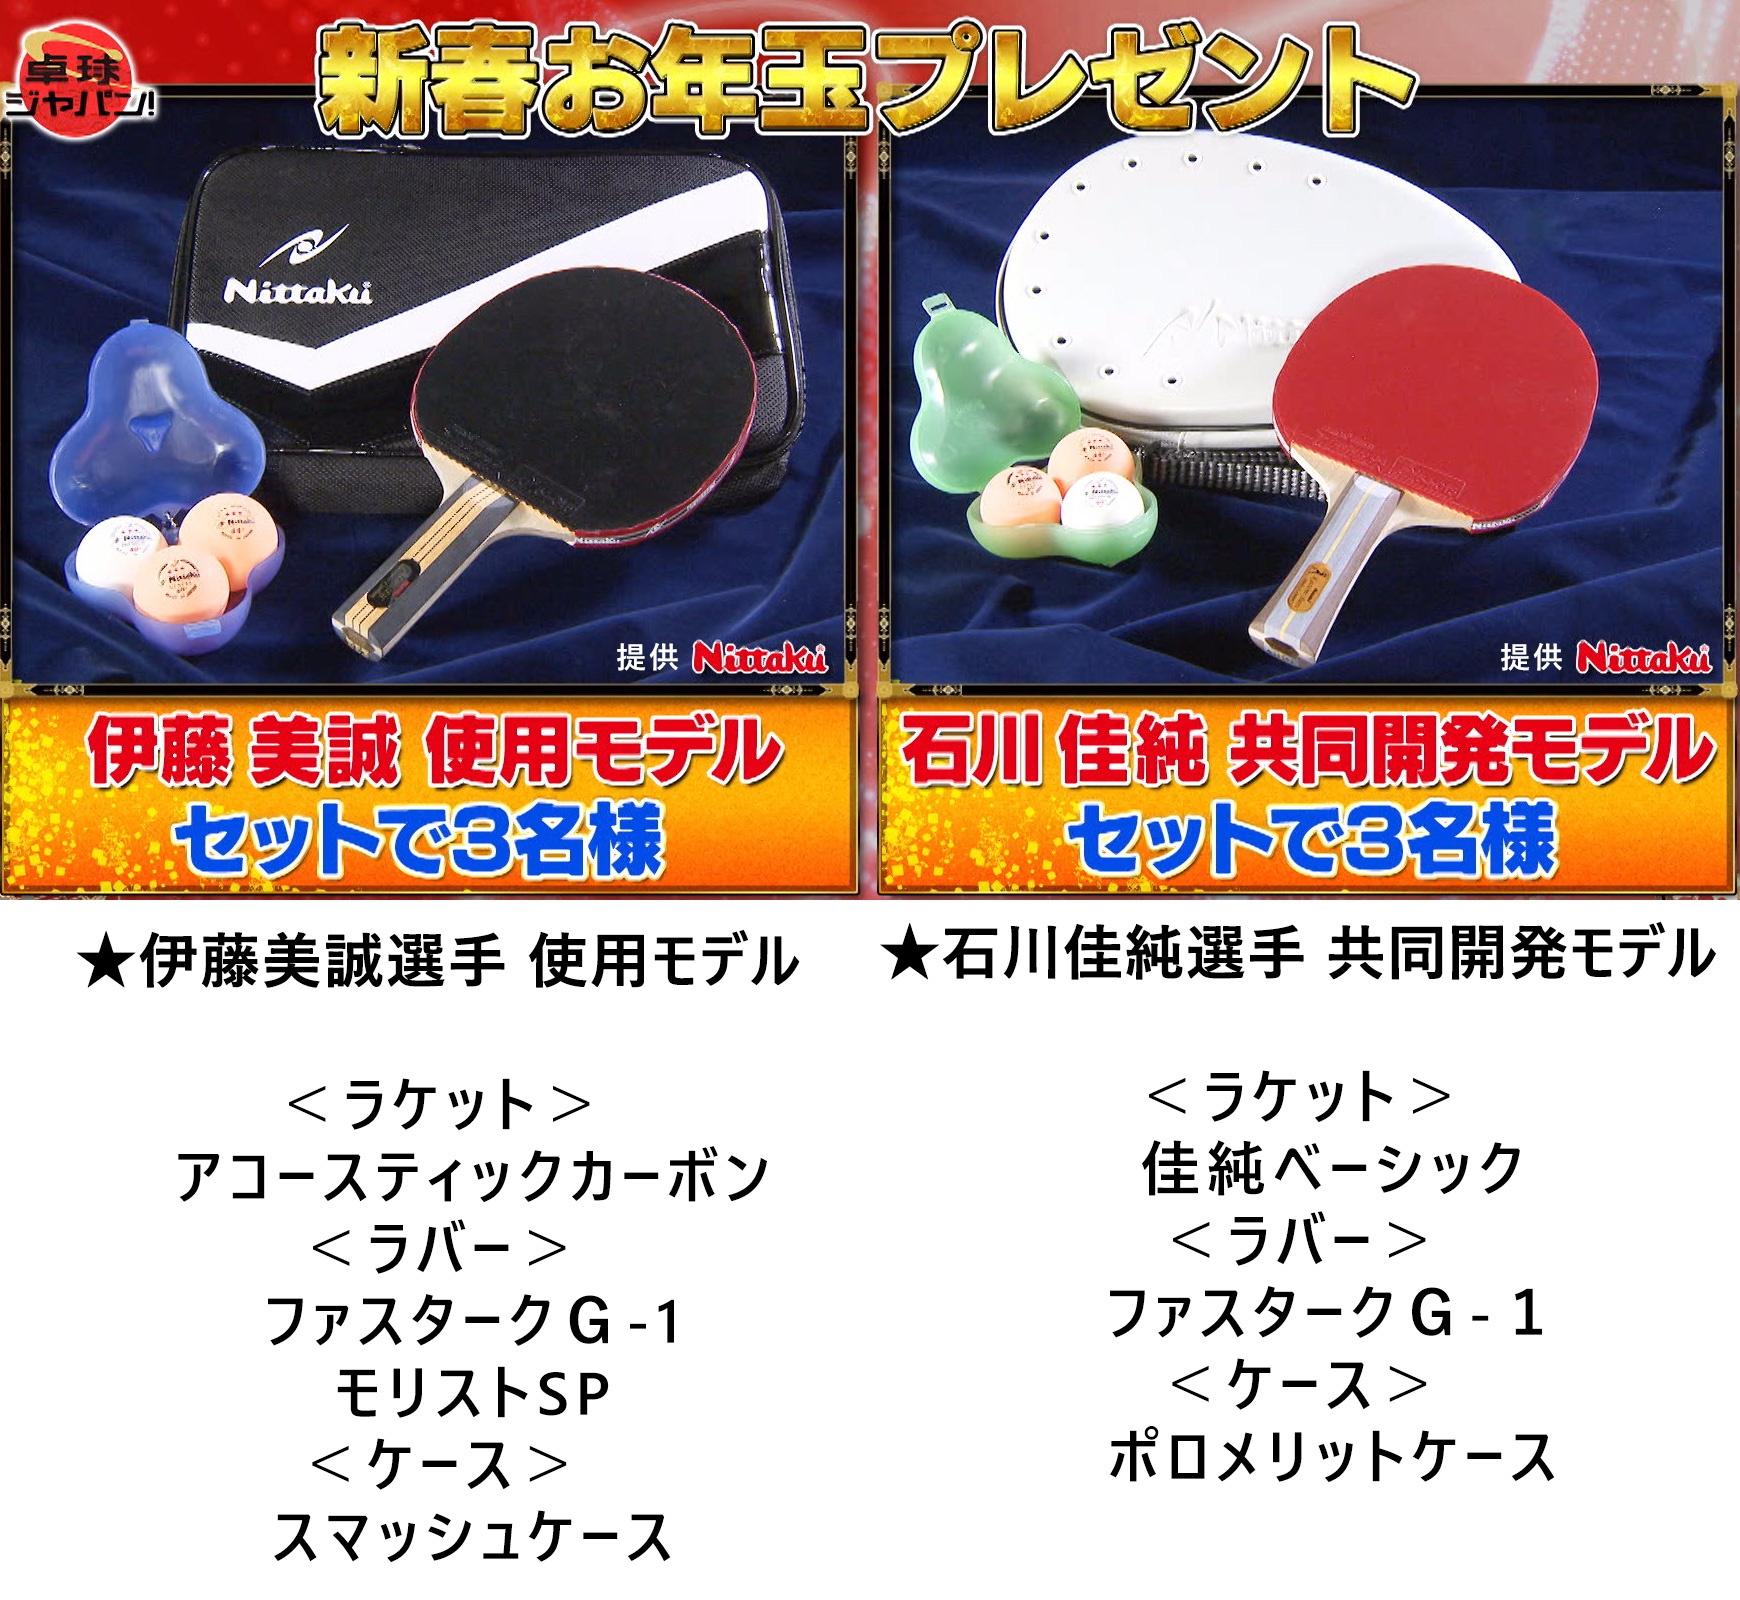 卓球ジャパン